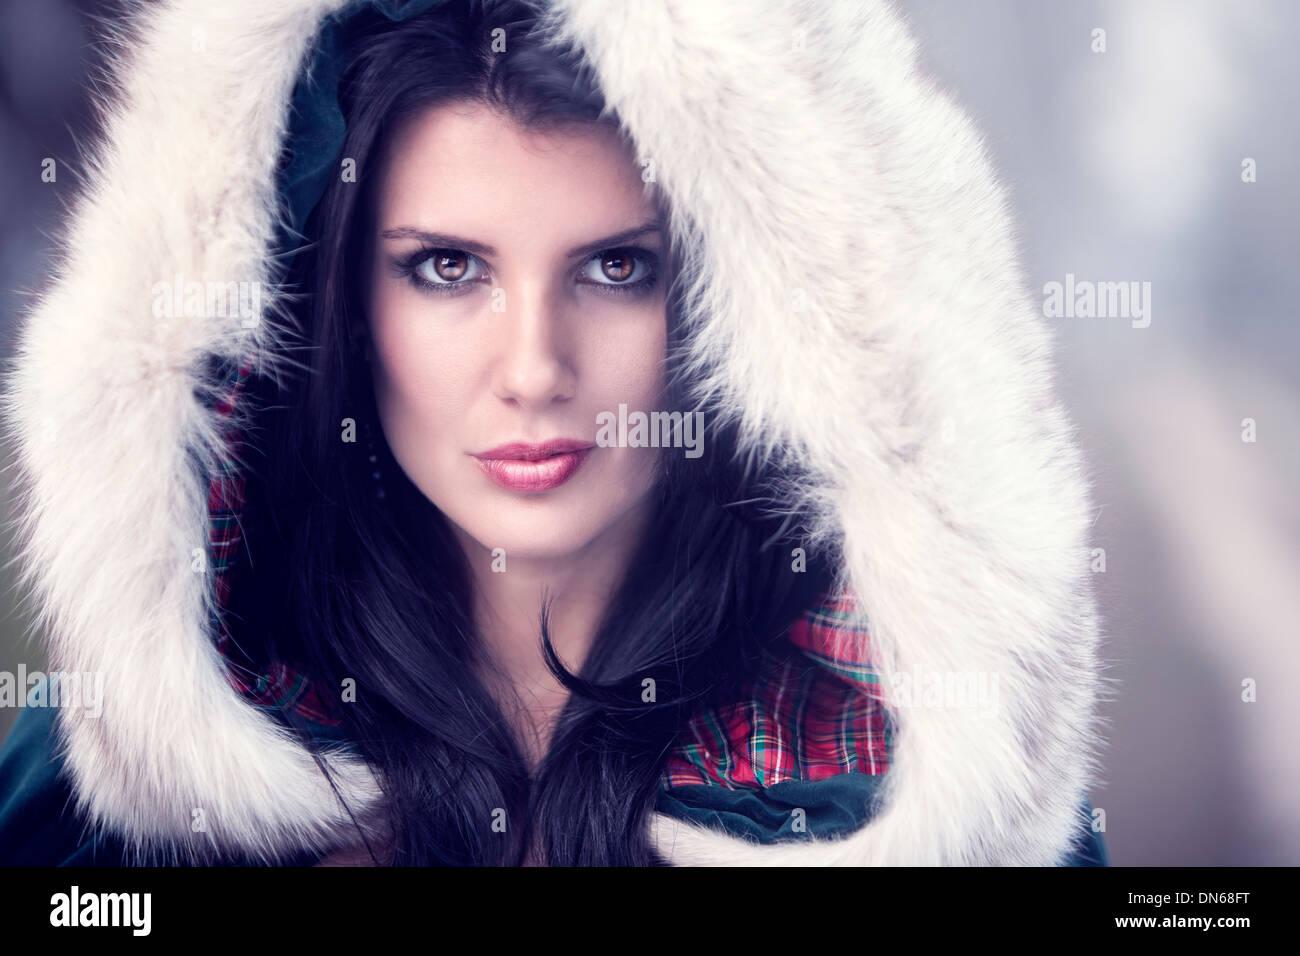 Beauty Portrait Frau tragen eine Fell bedeckt Haube an einem kalten Wintertag. Stockfoto